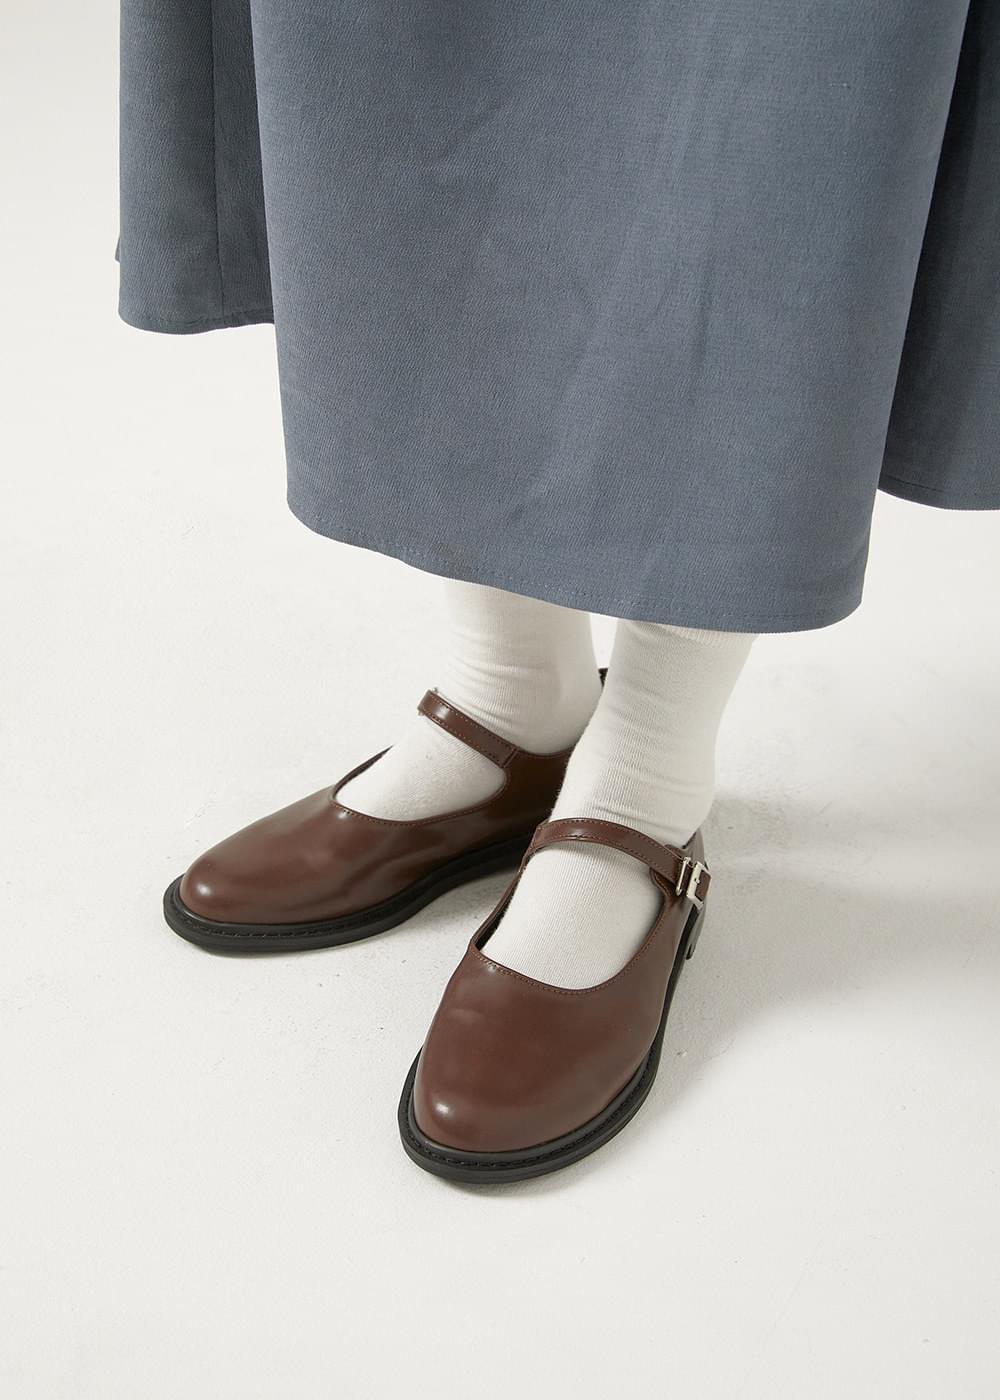 韓國空運 - Mary Jane flat loafers 樂福鞋